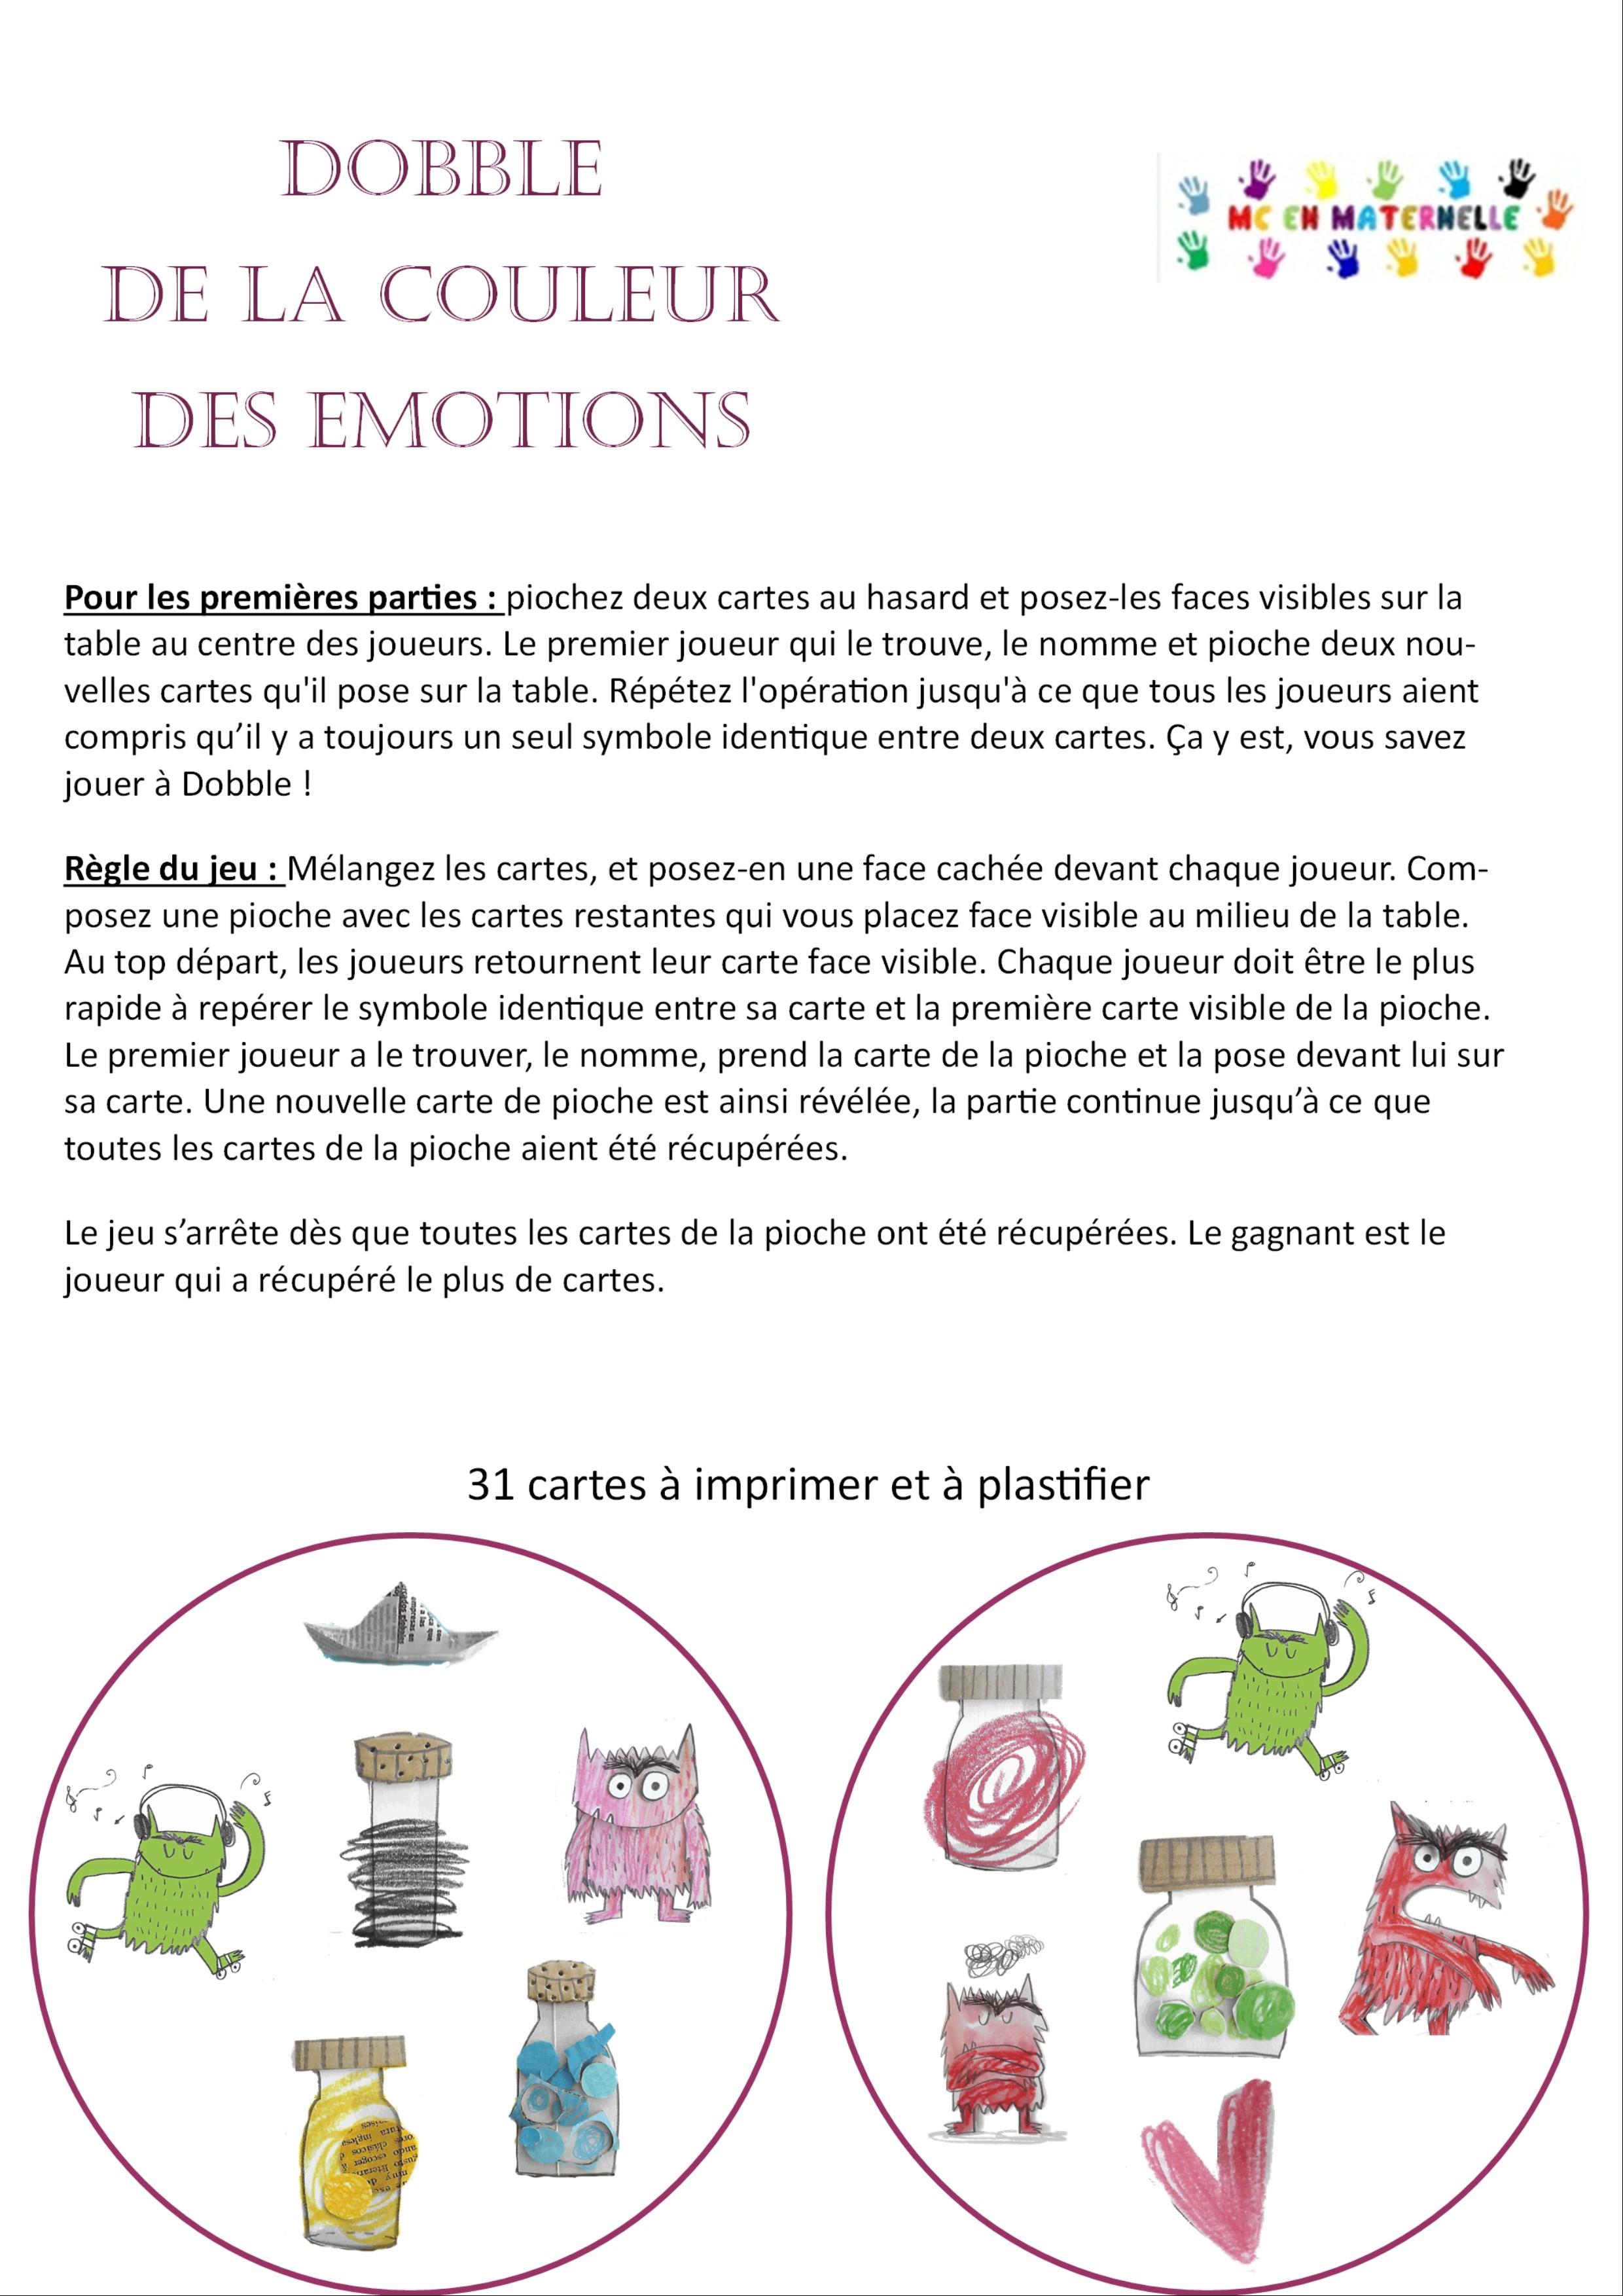 La Couleur Des Émotions : Dobble – Mc En Maternelle à Jeux De Maternelle À Imprimer